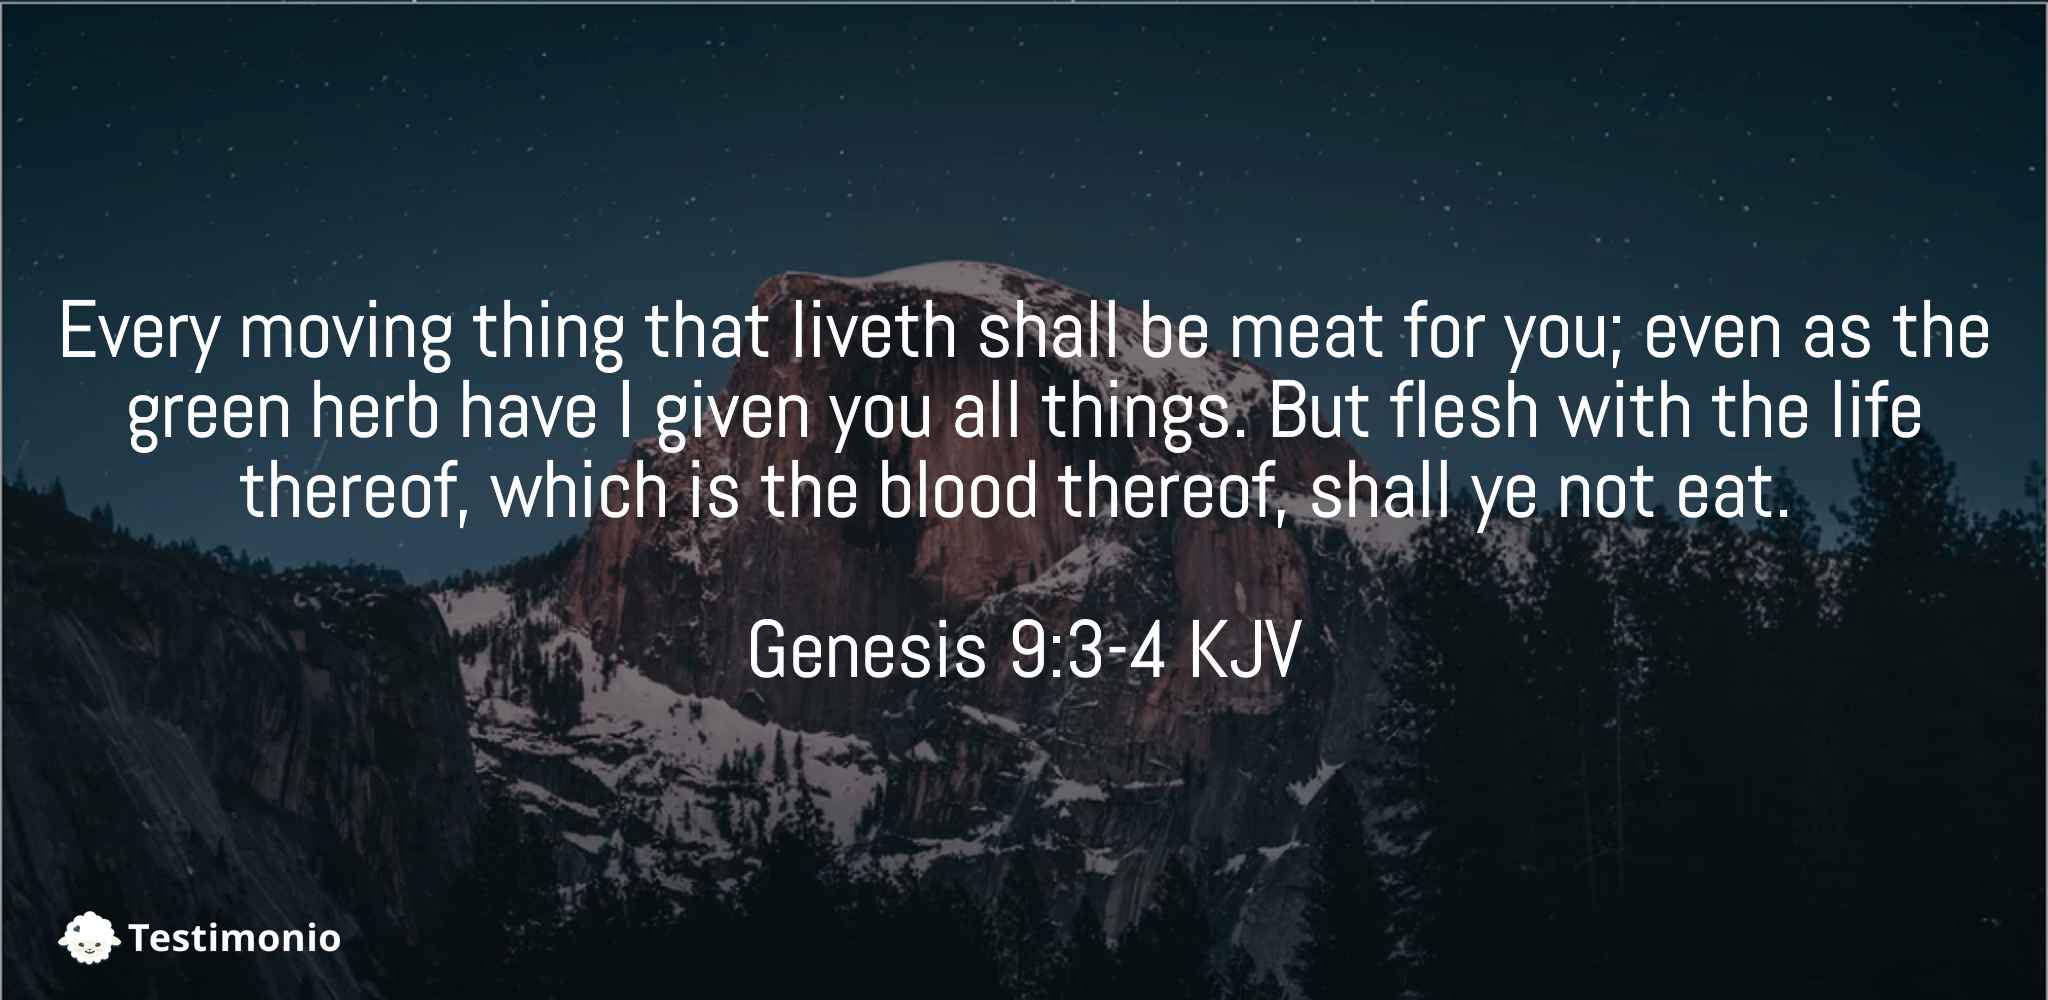 Genesis 9:3-4